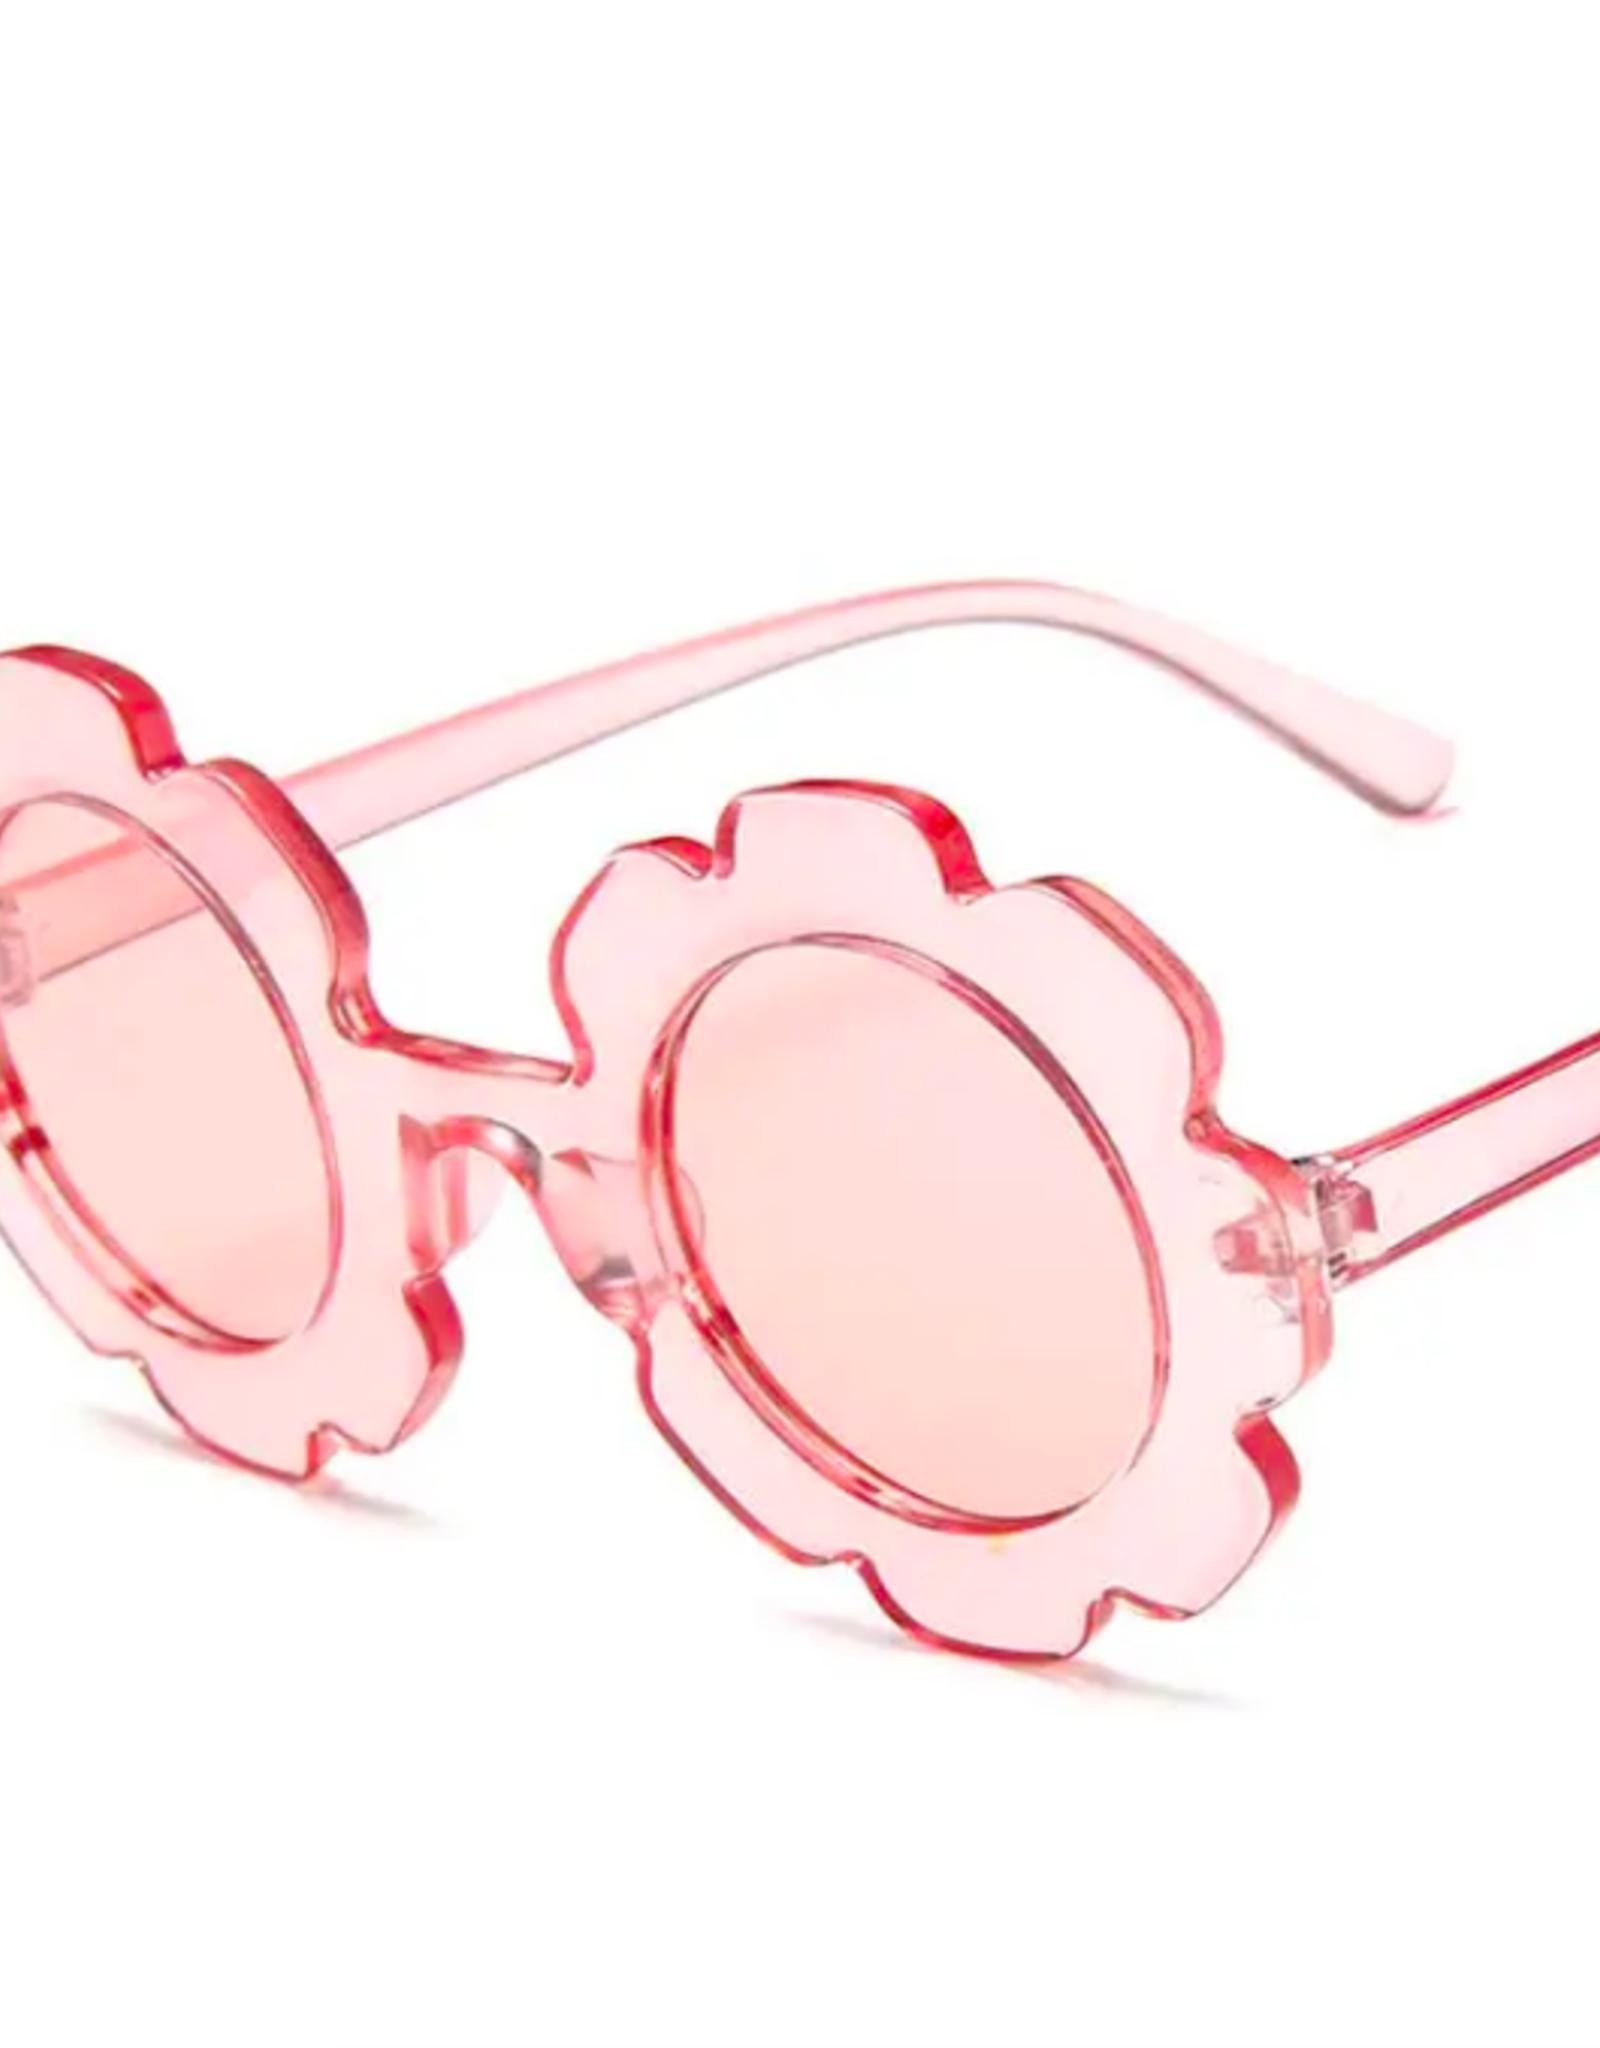 Flower Power Sunglasses